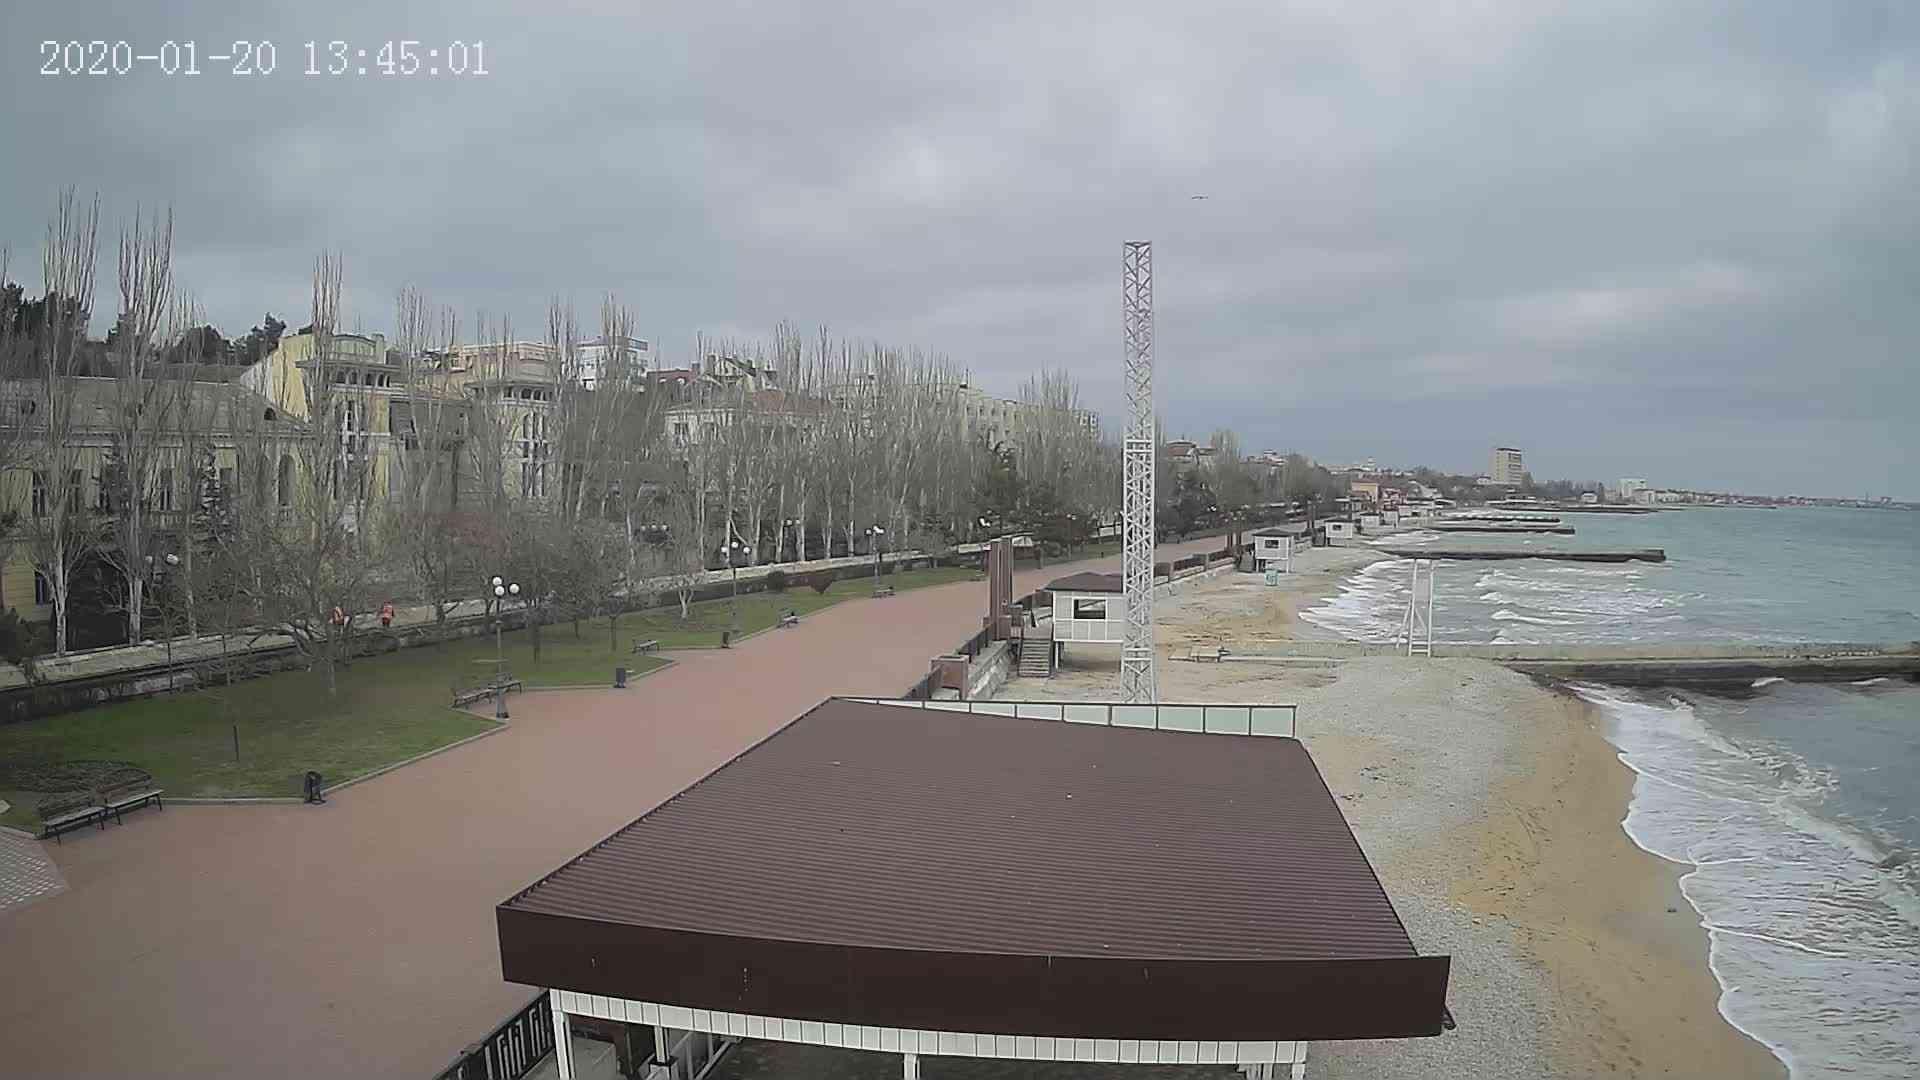 Веб-камеры Феодосии, Пляж Камешки, 2020-01-20 13:45:22